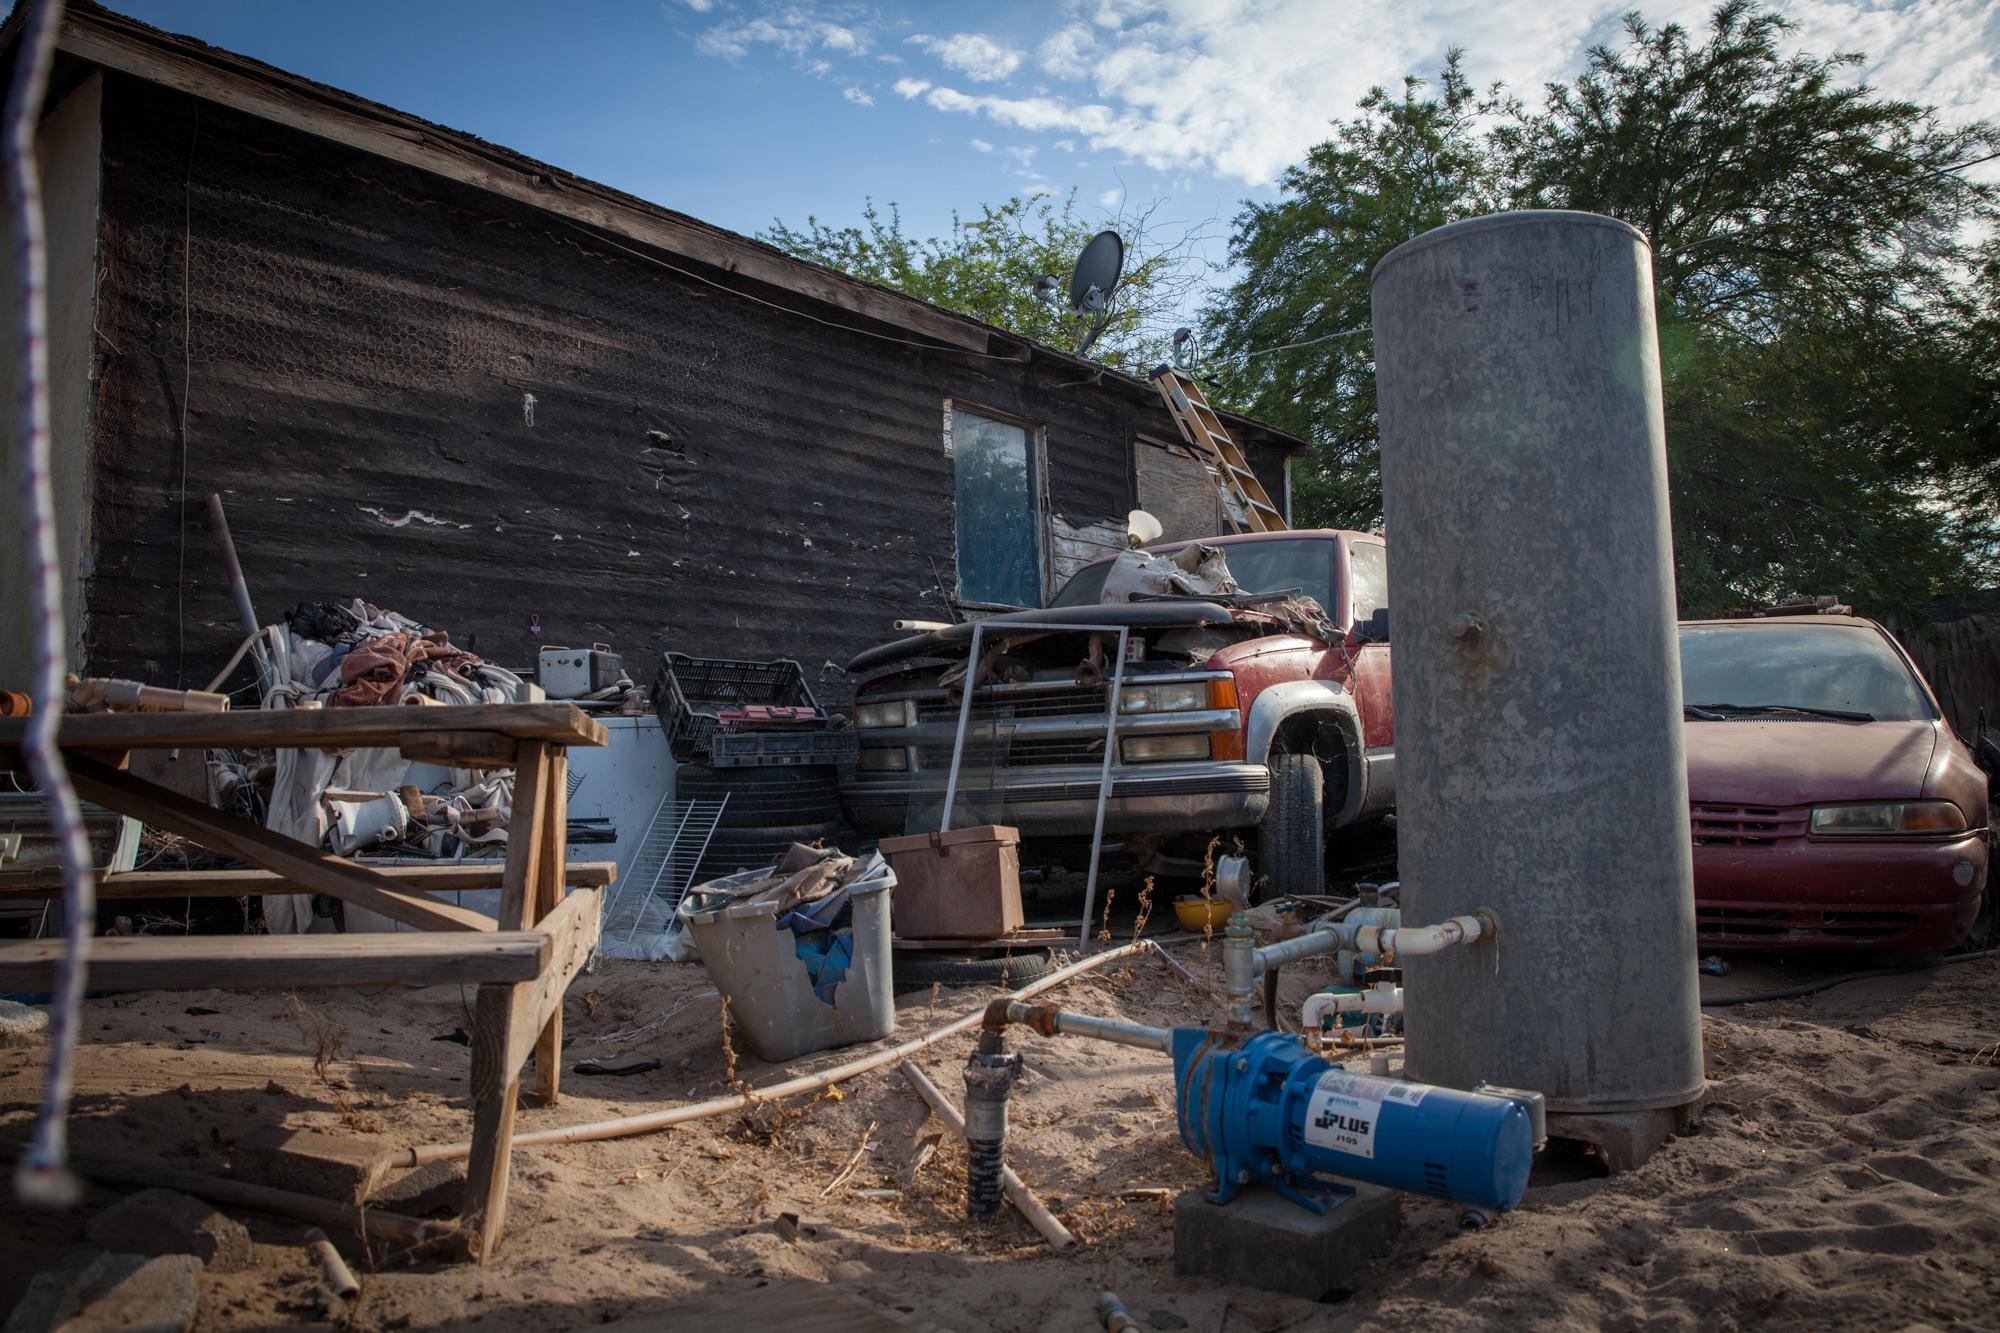 Image: Backyard water well